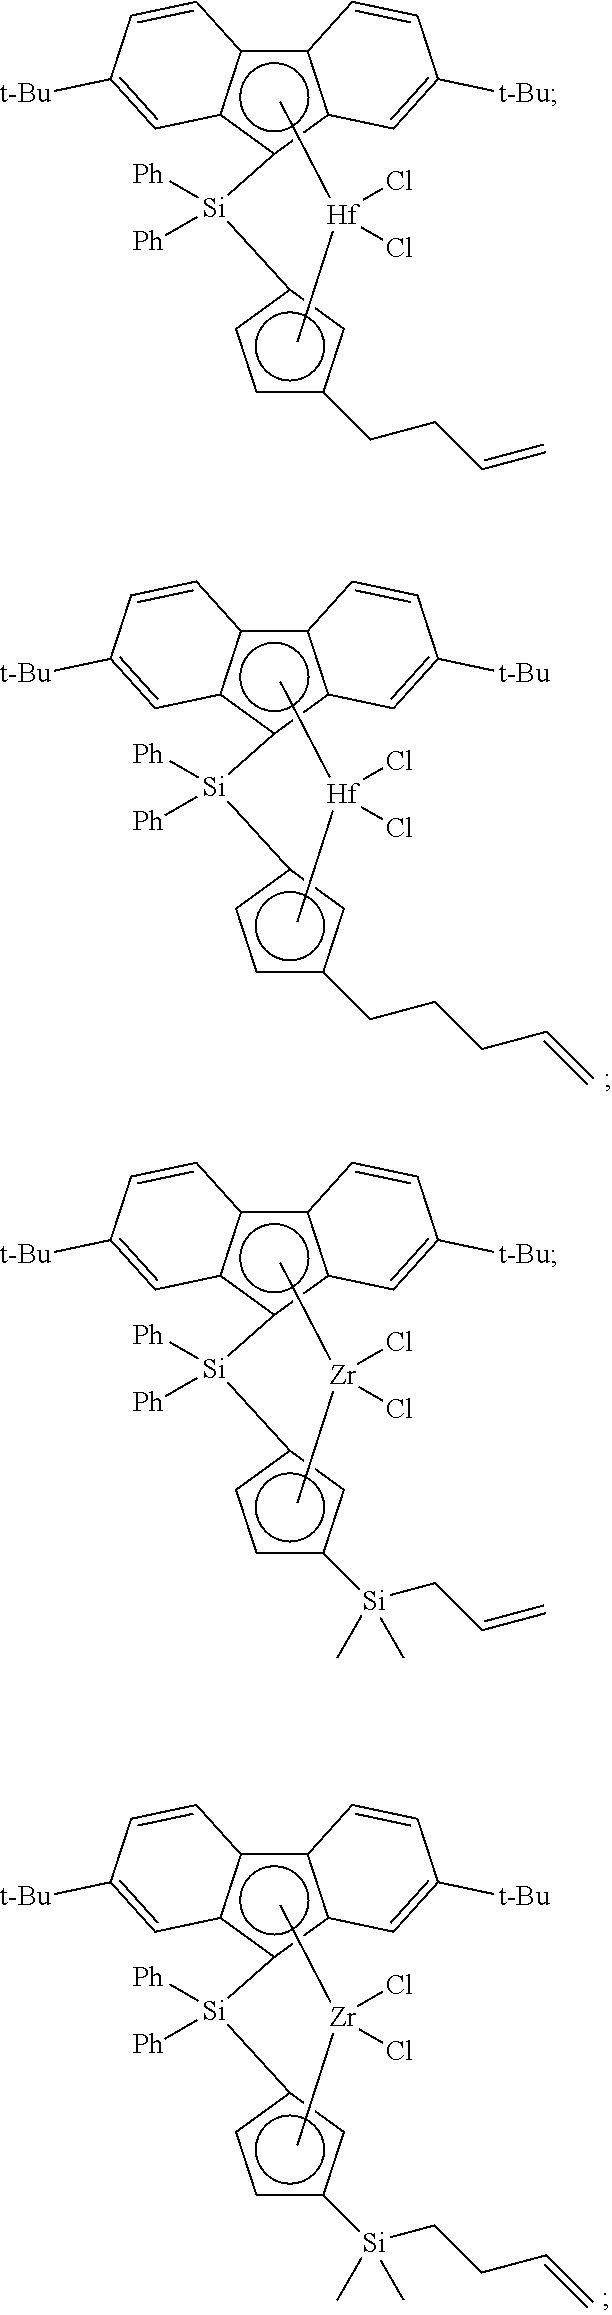 Figure US08501654-20130806-C00012